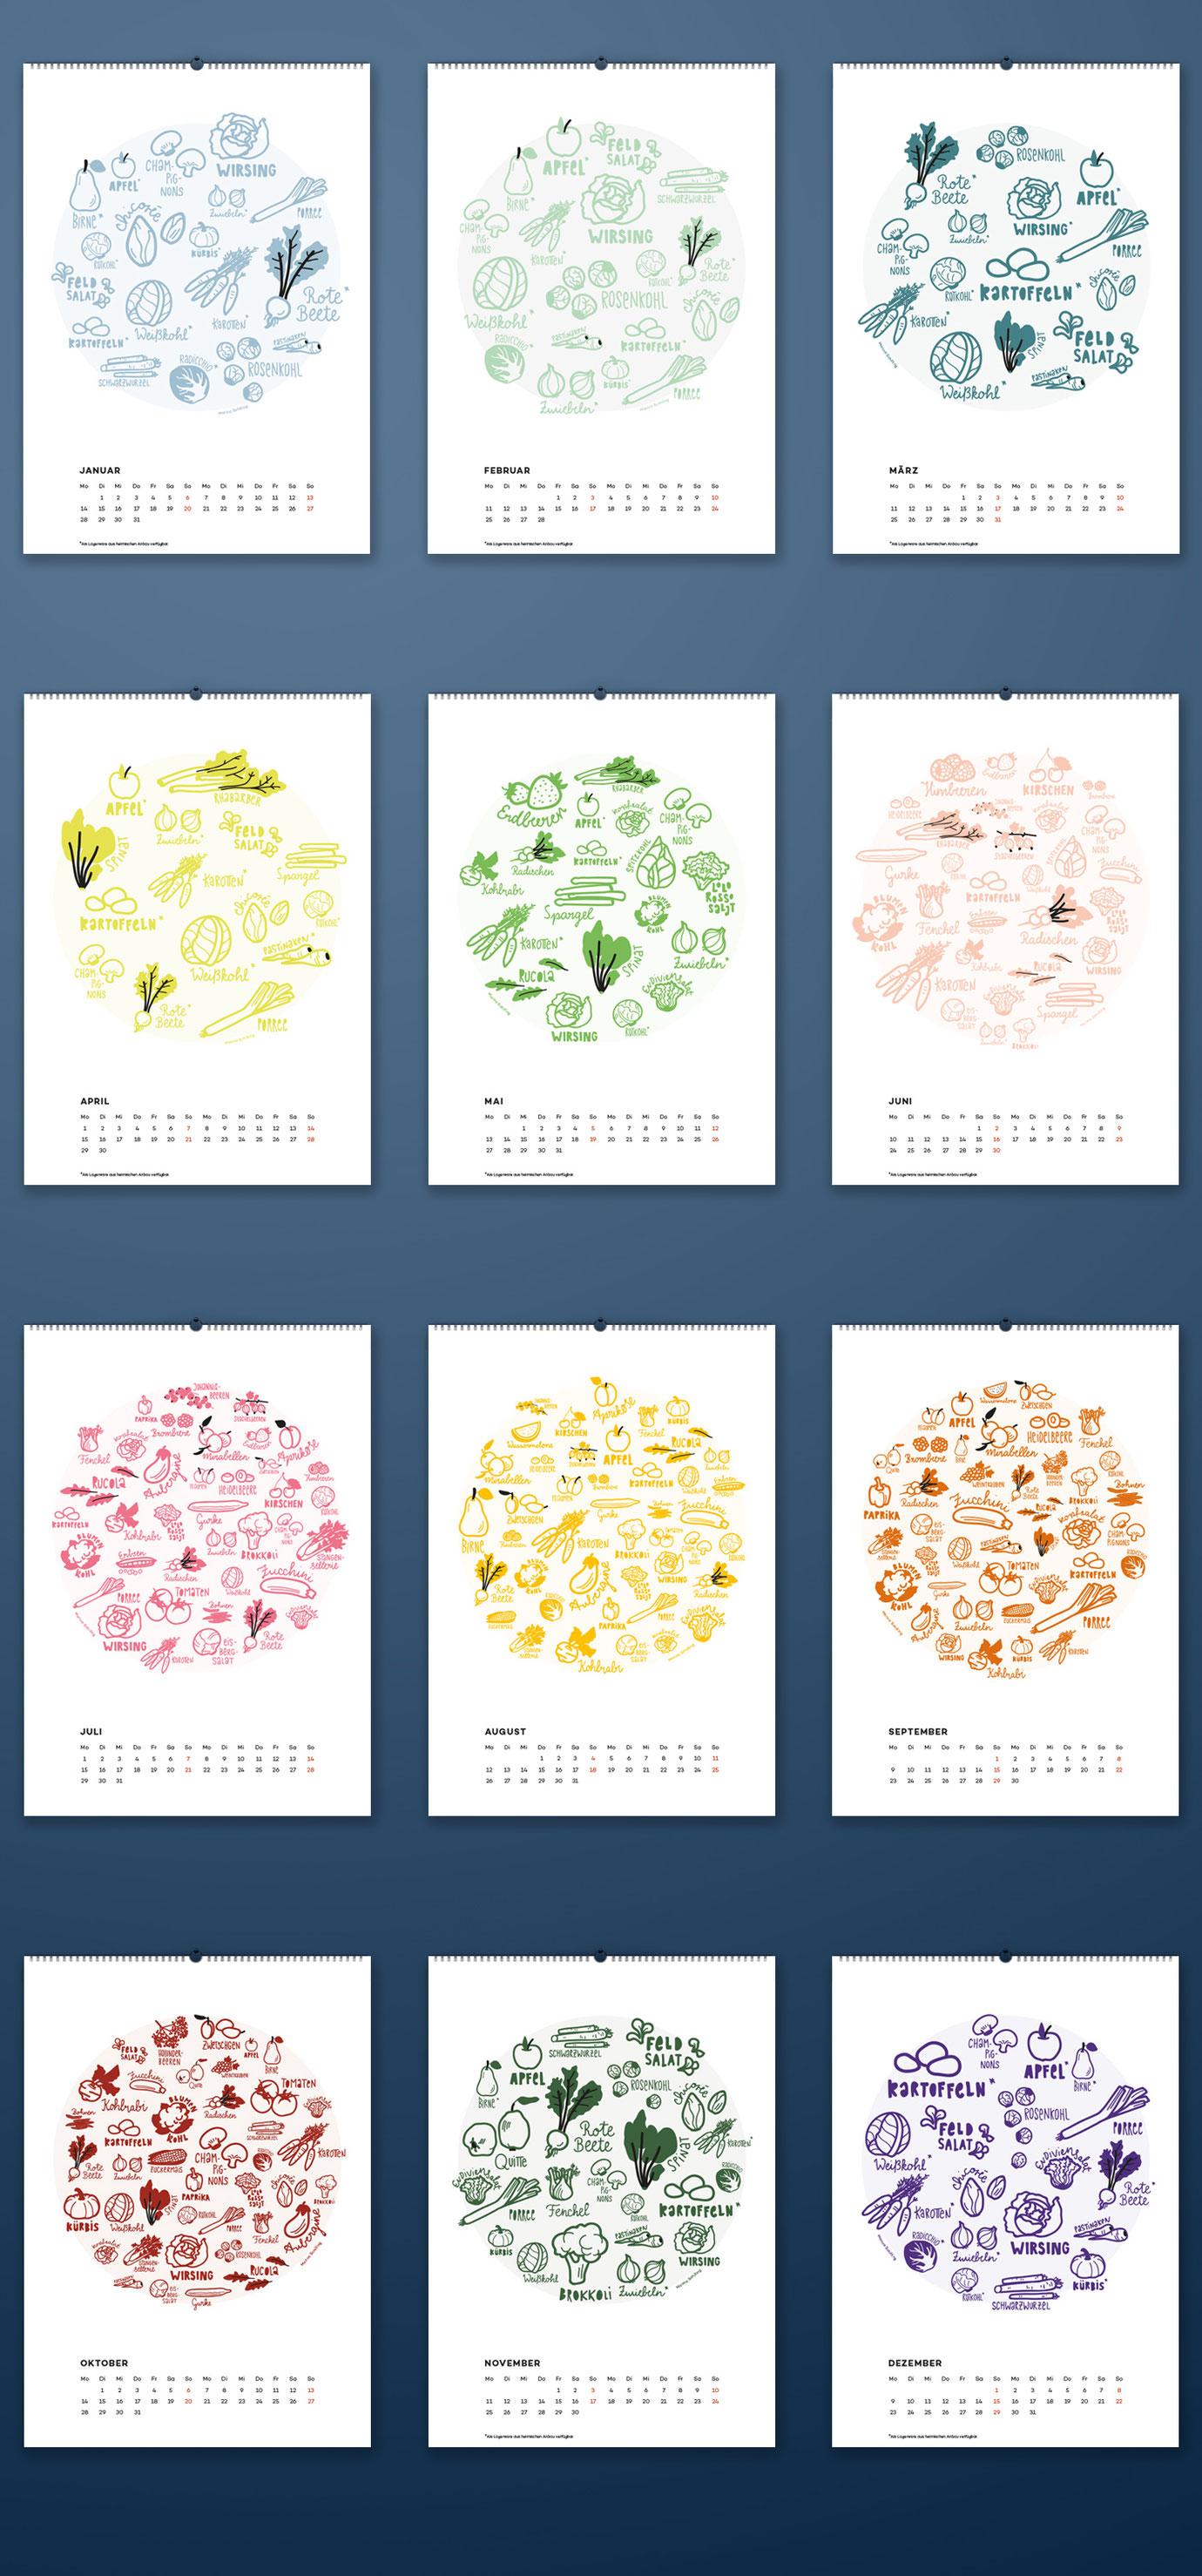 Übersicht alles Kalenderblätter des Saisonkalenders für Obst und Gemüse. Illustrierter Kalender im Doole / Sketchnote Stil. Marina Schilling.